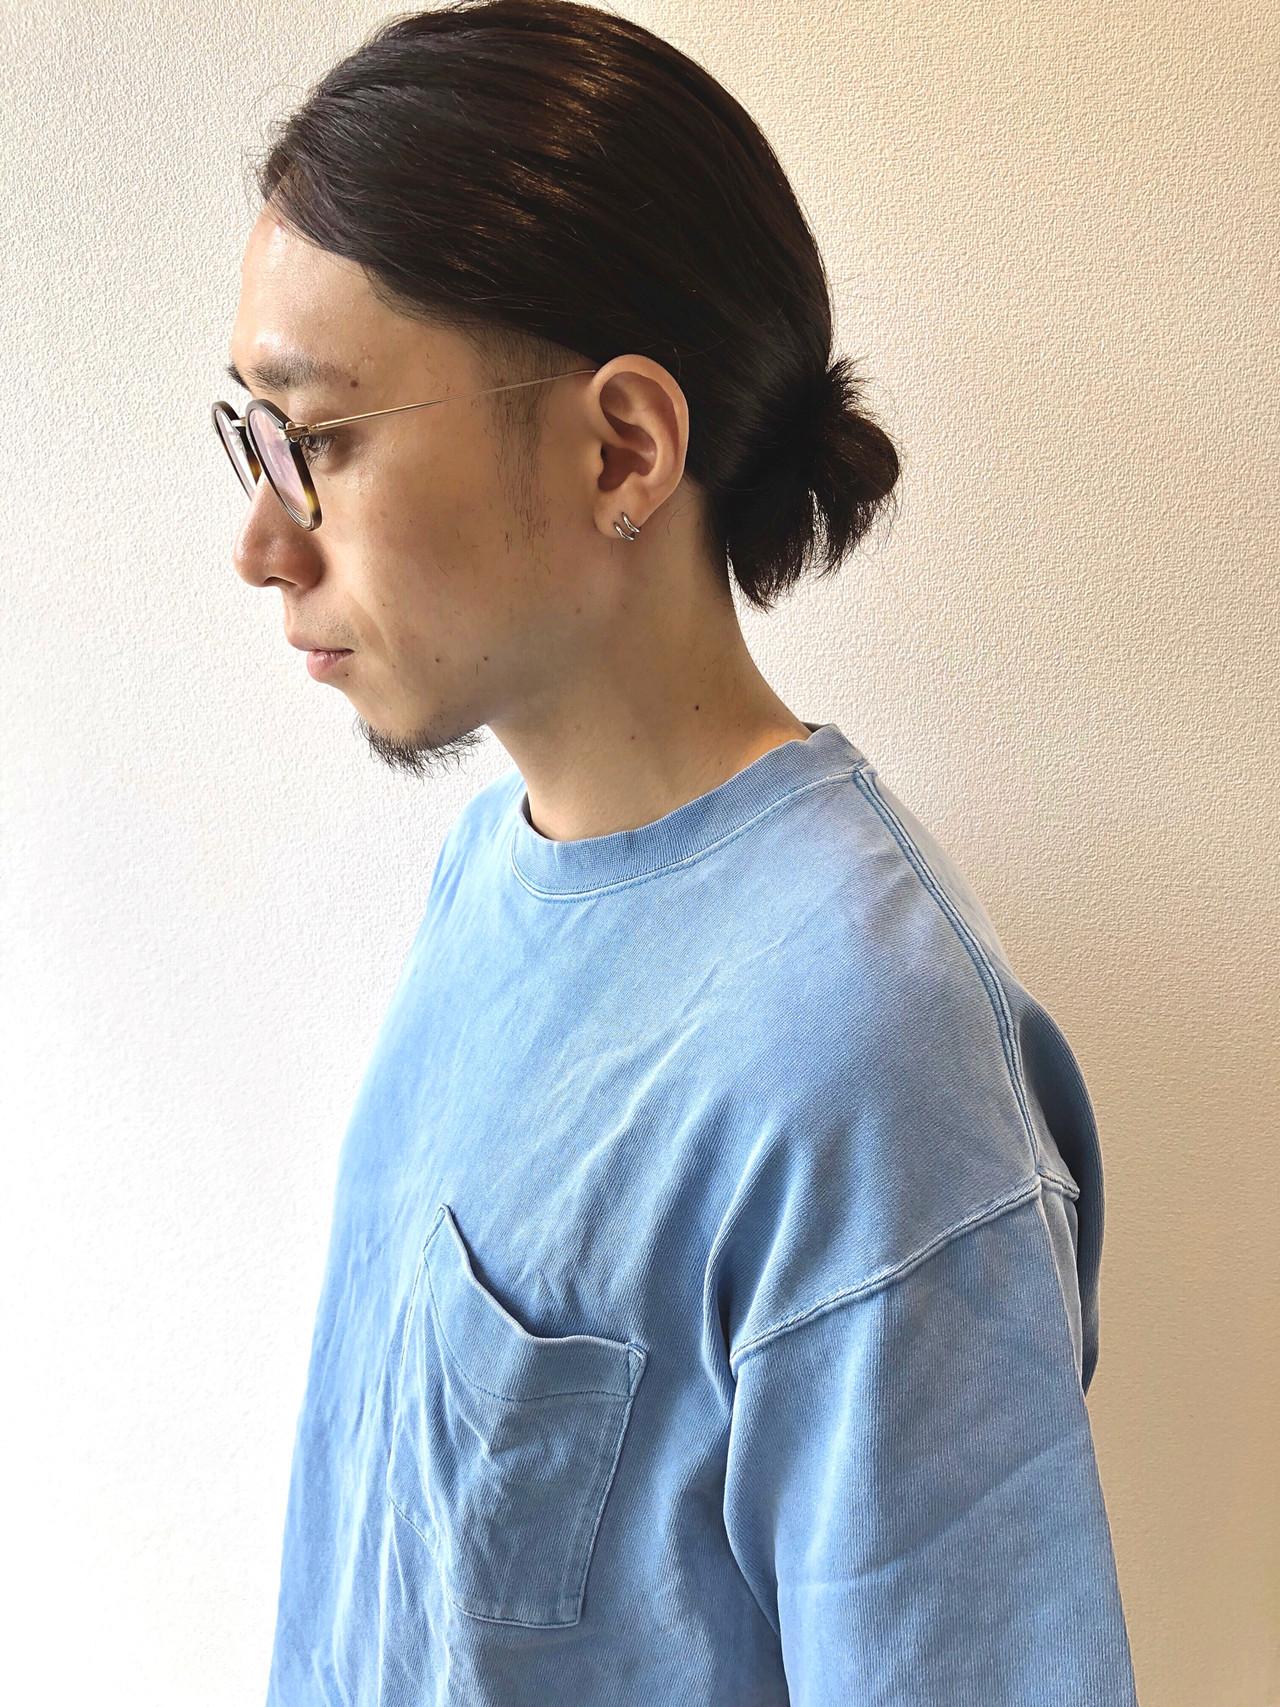 メンズカジュアル ロング メンズヘア メンズ ヘアスタイルや髪型の写真・画像